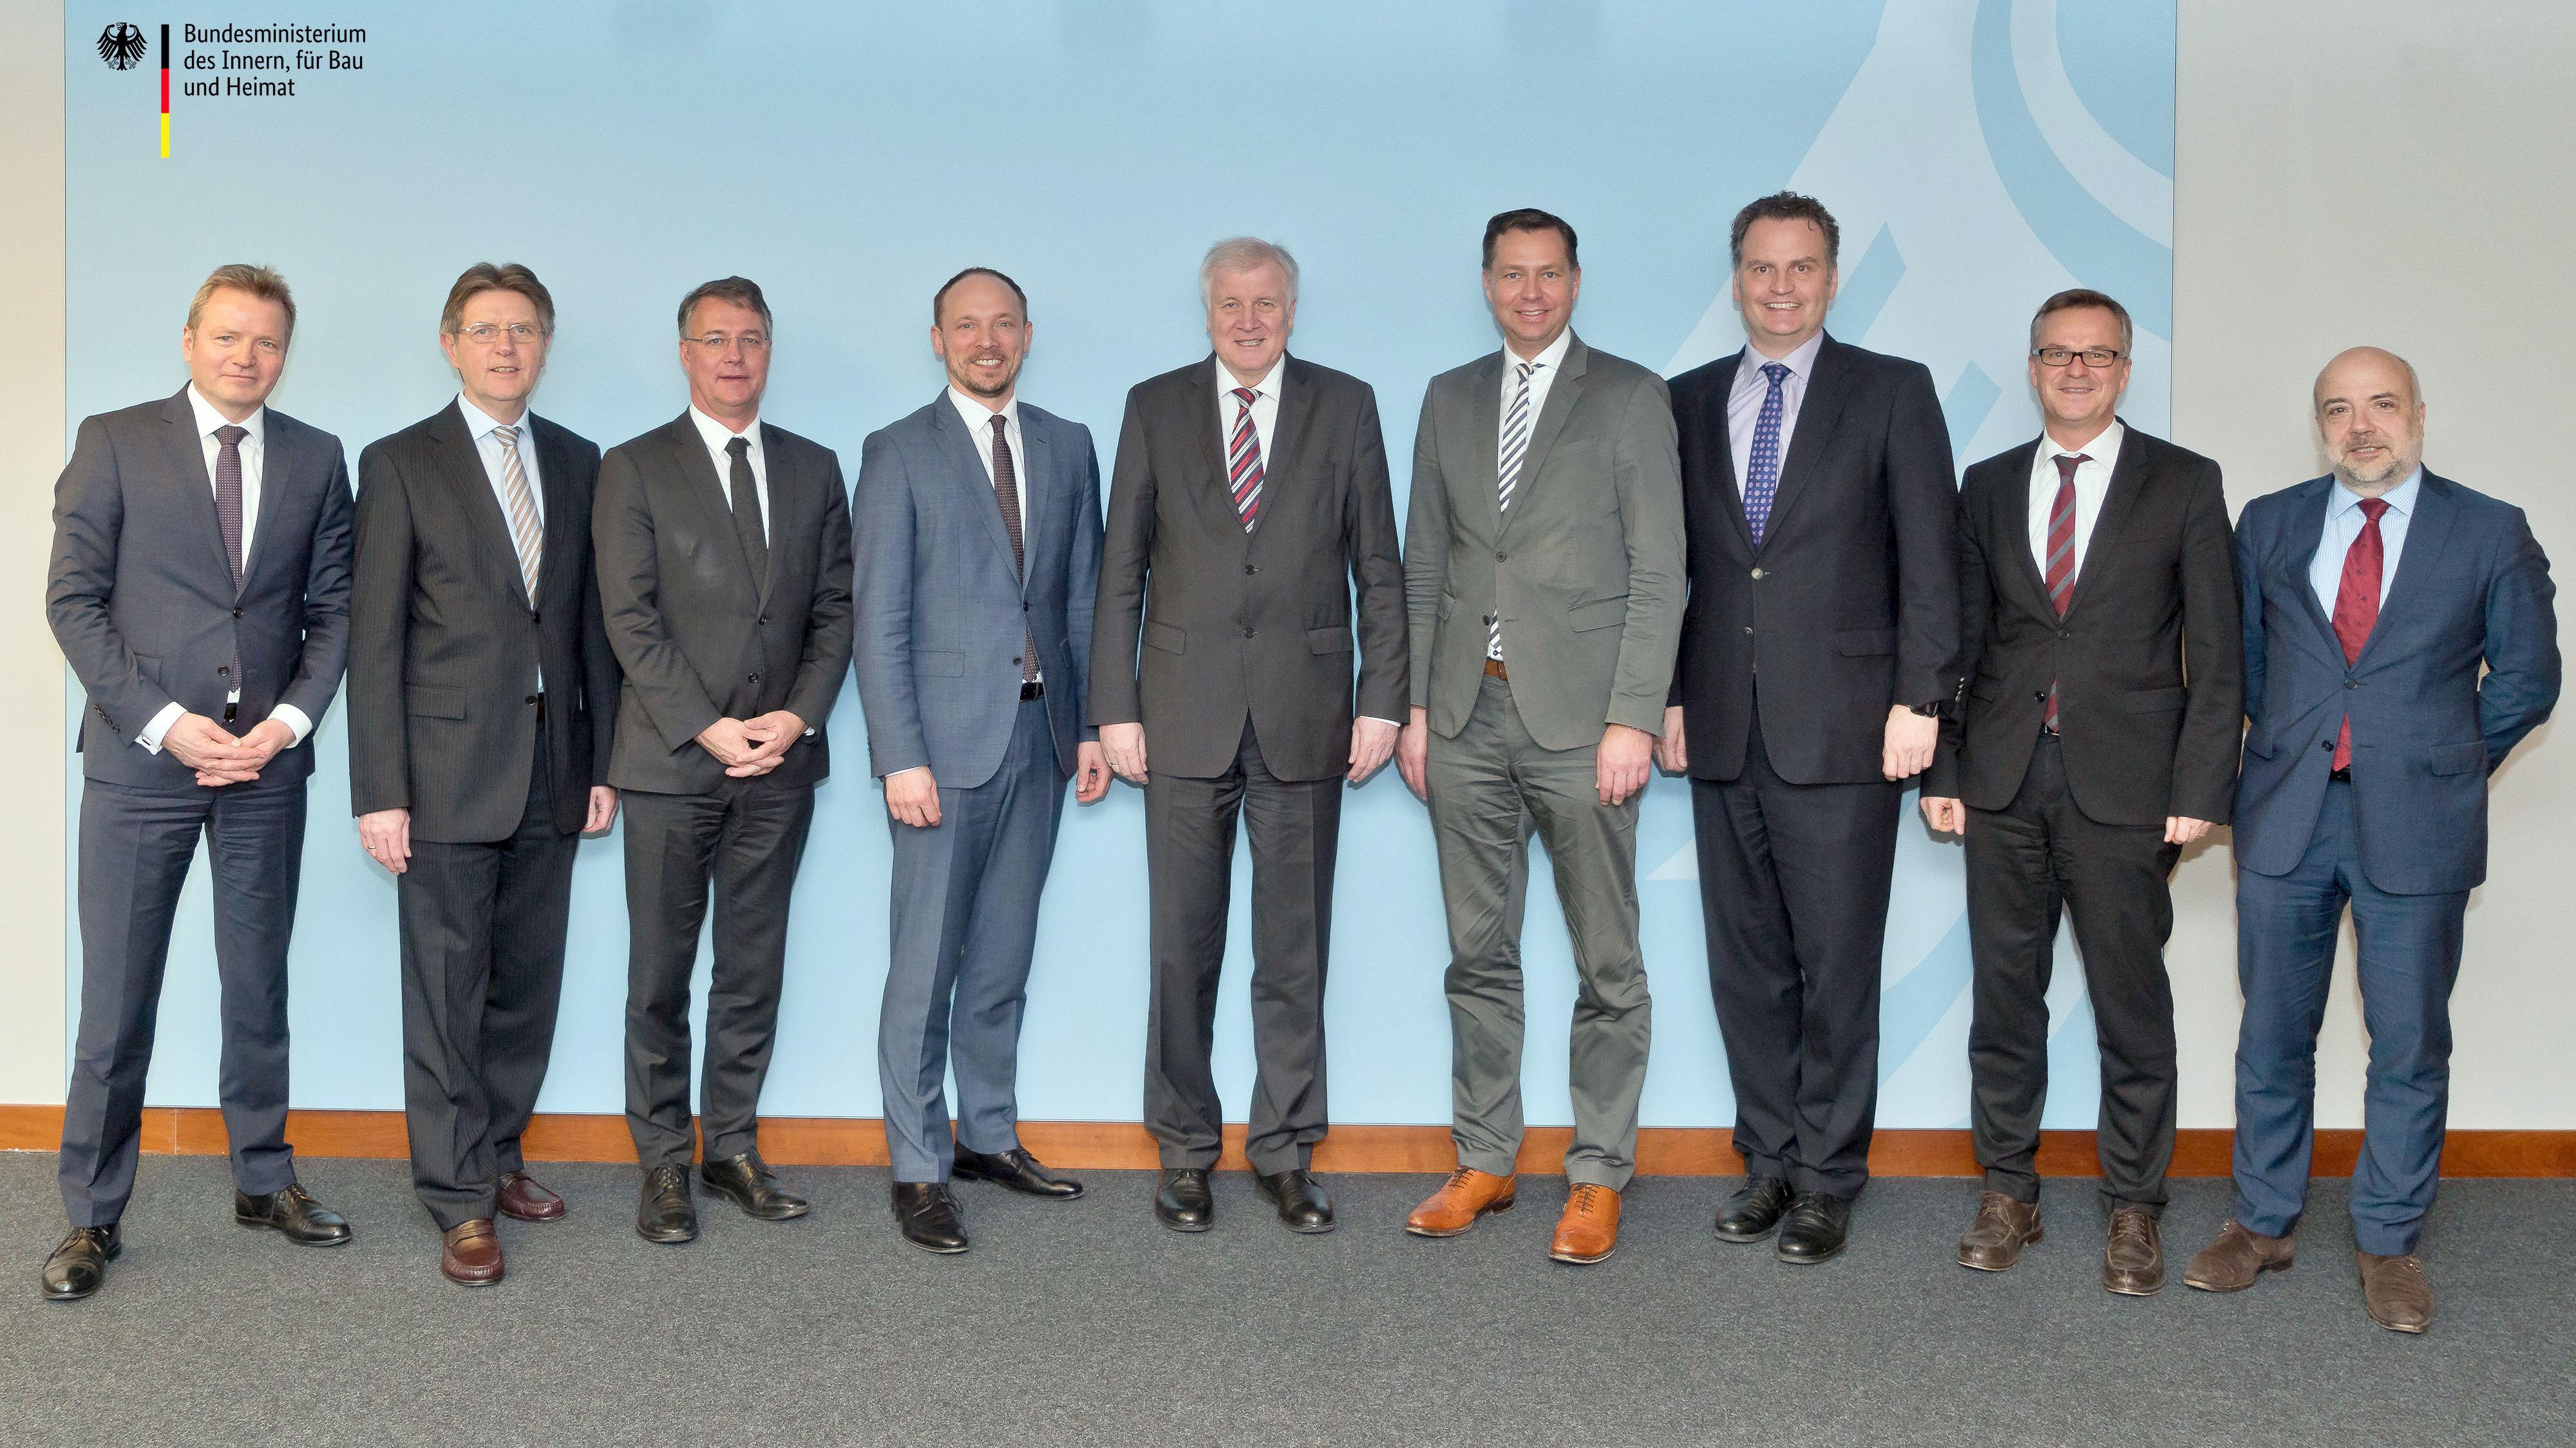 Archivbild: Seehofer und seine Staatssekretäre vor einem Jahr